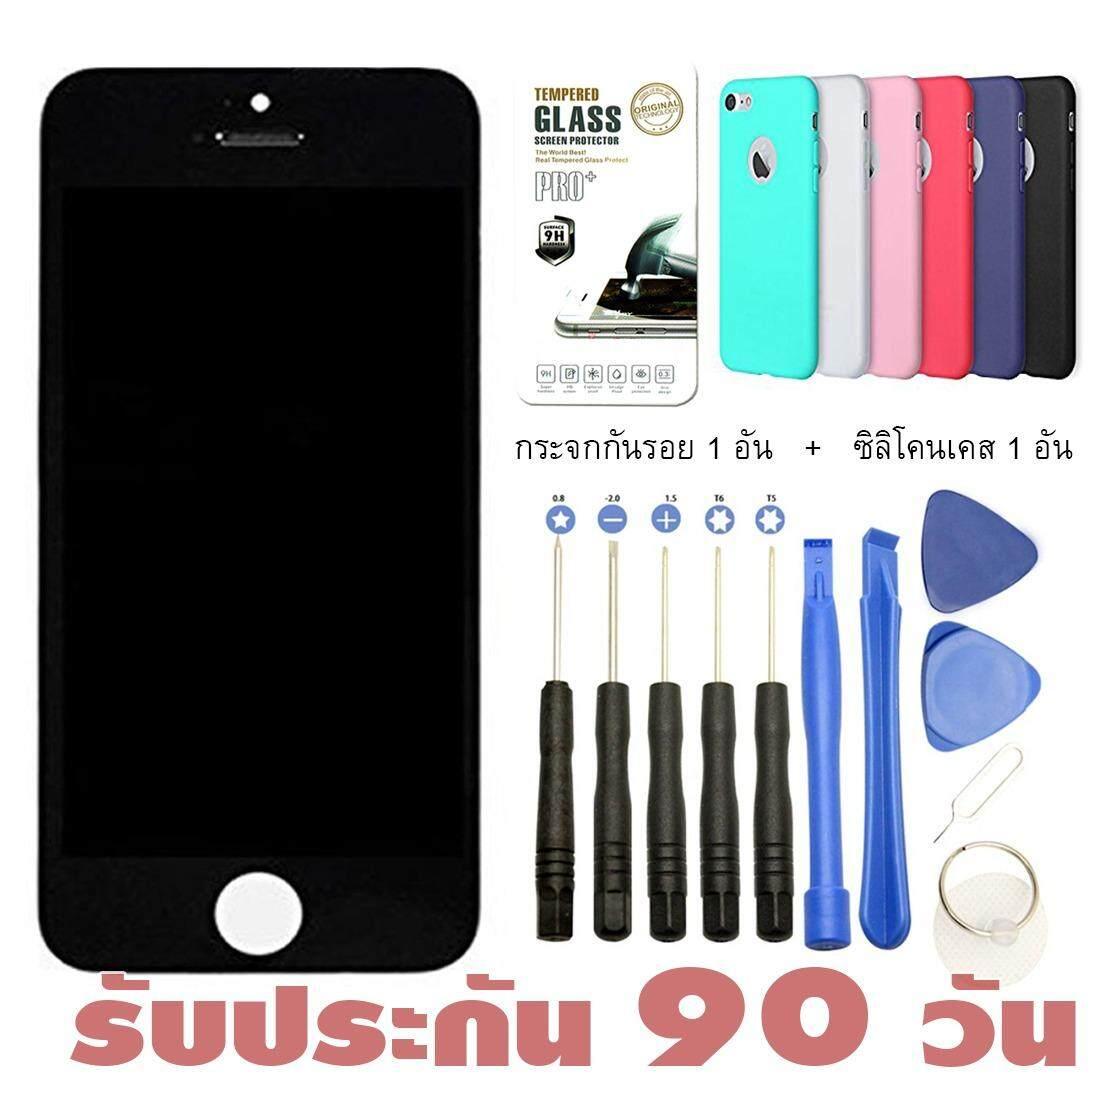 ประกัน 90 วัน หน้าจอไอโฟน 5C + ทัสกรีน iPhone 5C LCD